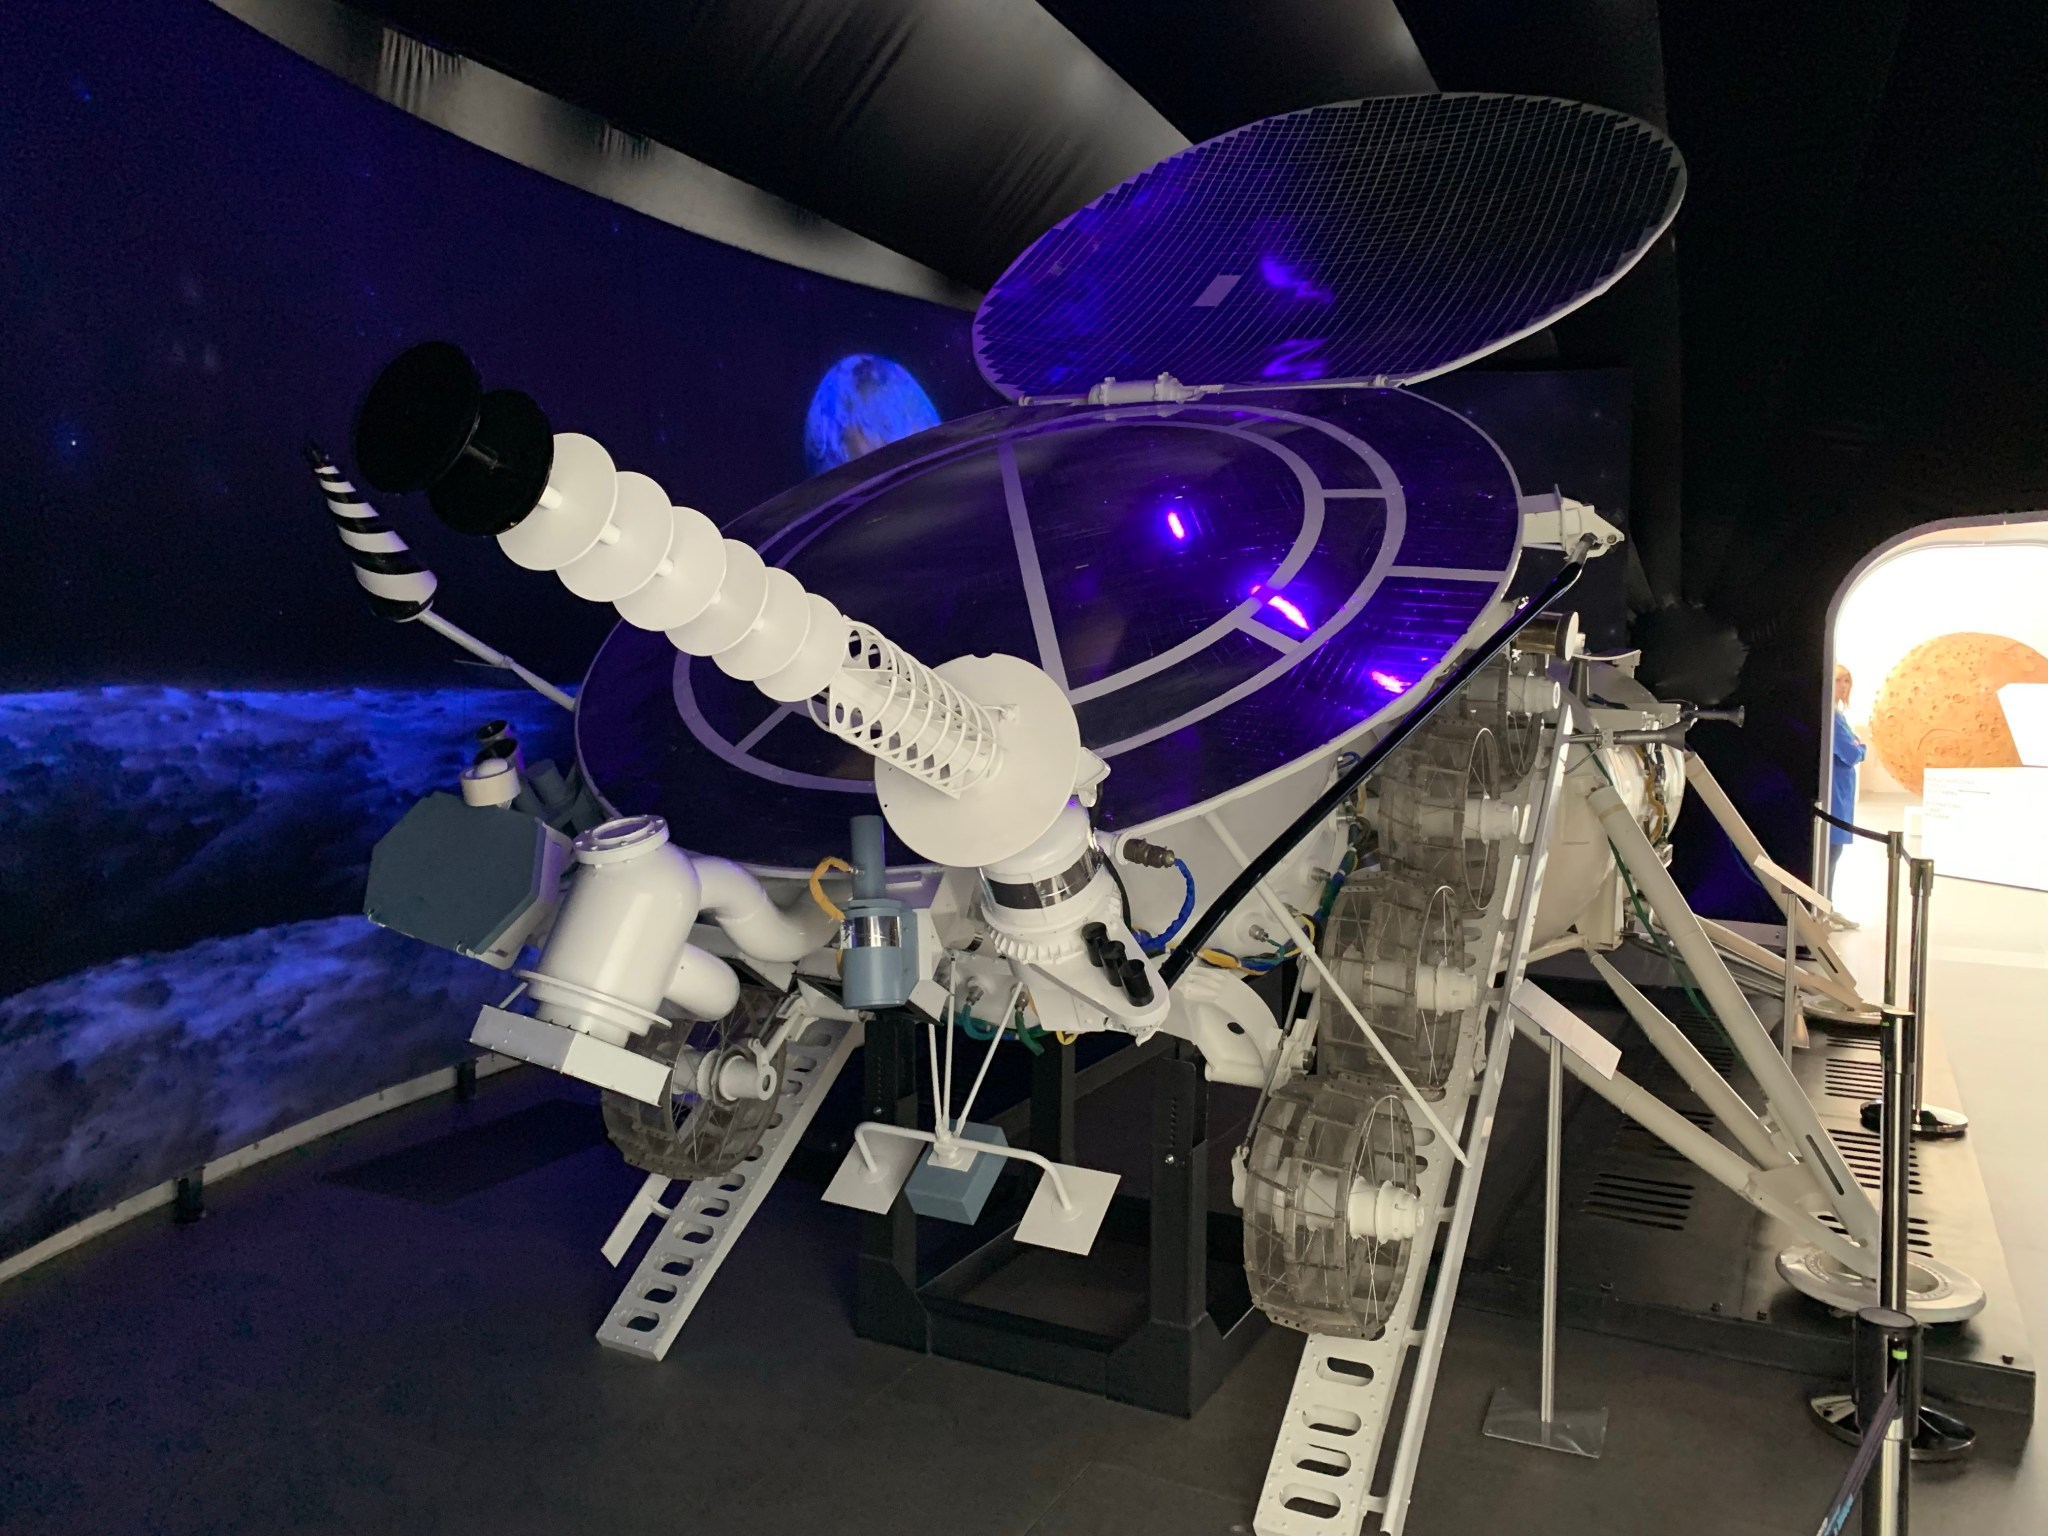 Lunokhod Lunar Rovers